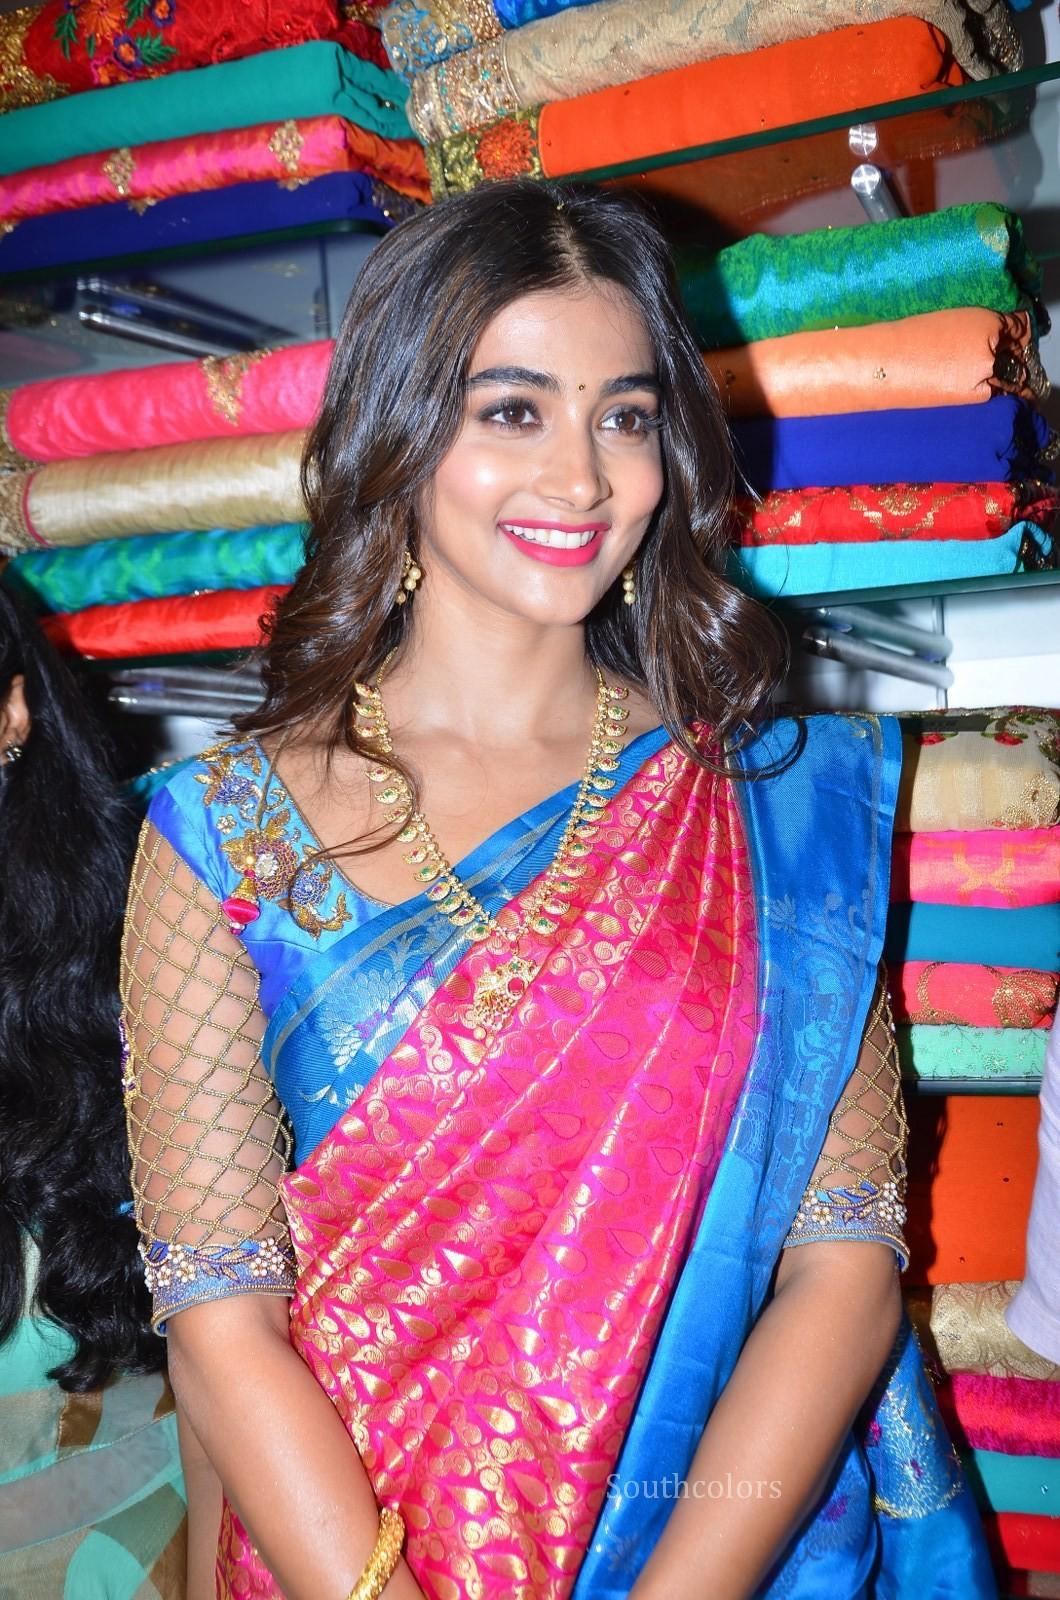 pooja hegde traditional saree photos southcolors 15